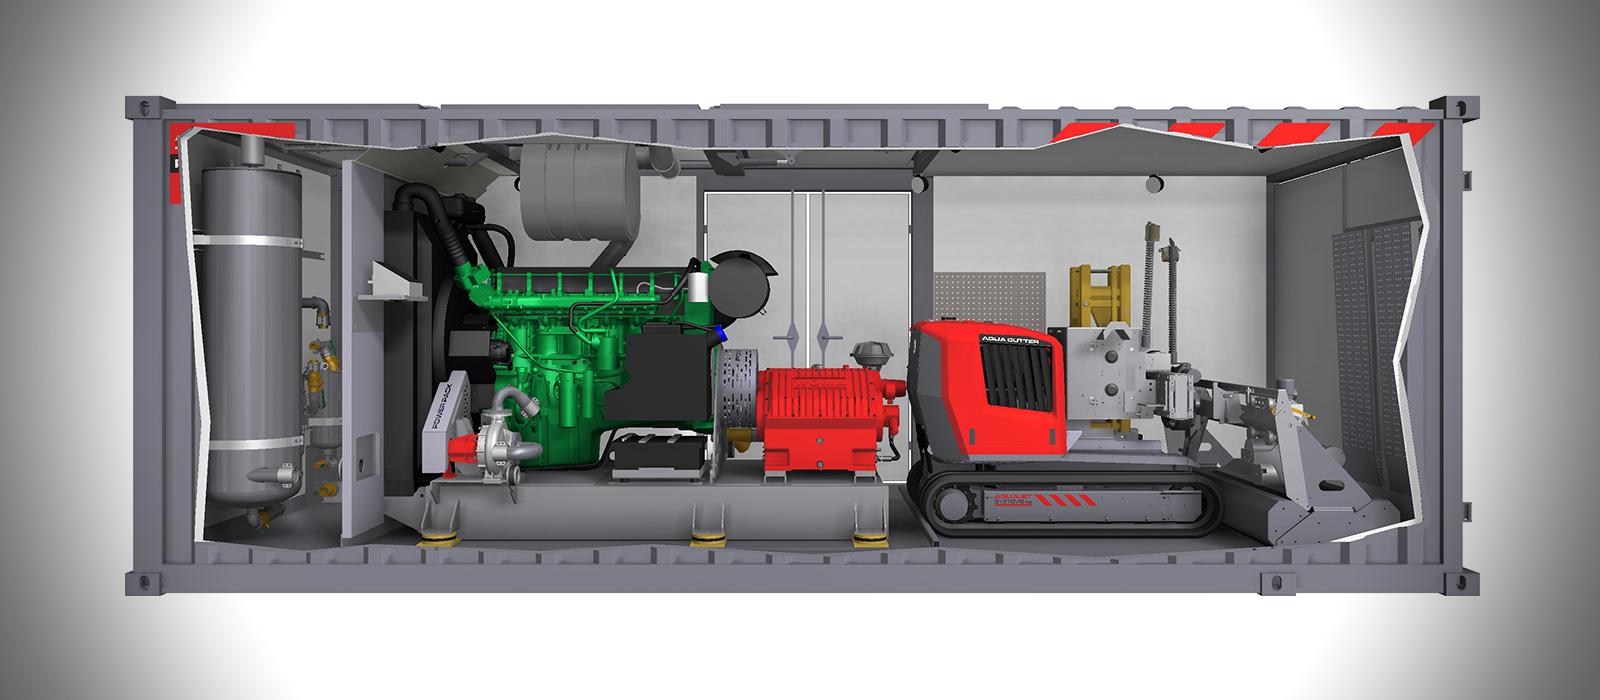 Aqua Cutter Hydrodemolition Robot Inside Power Pack